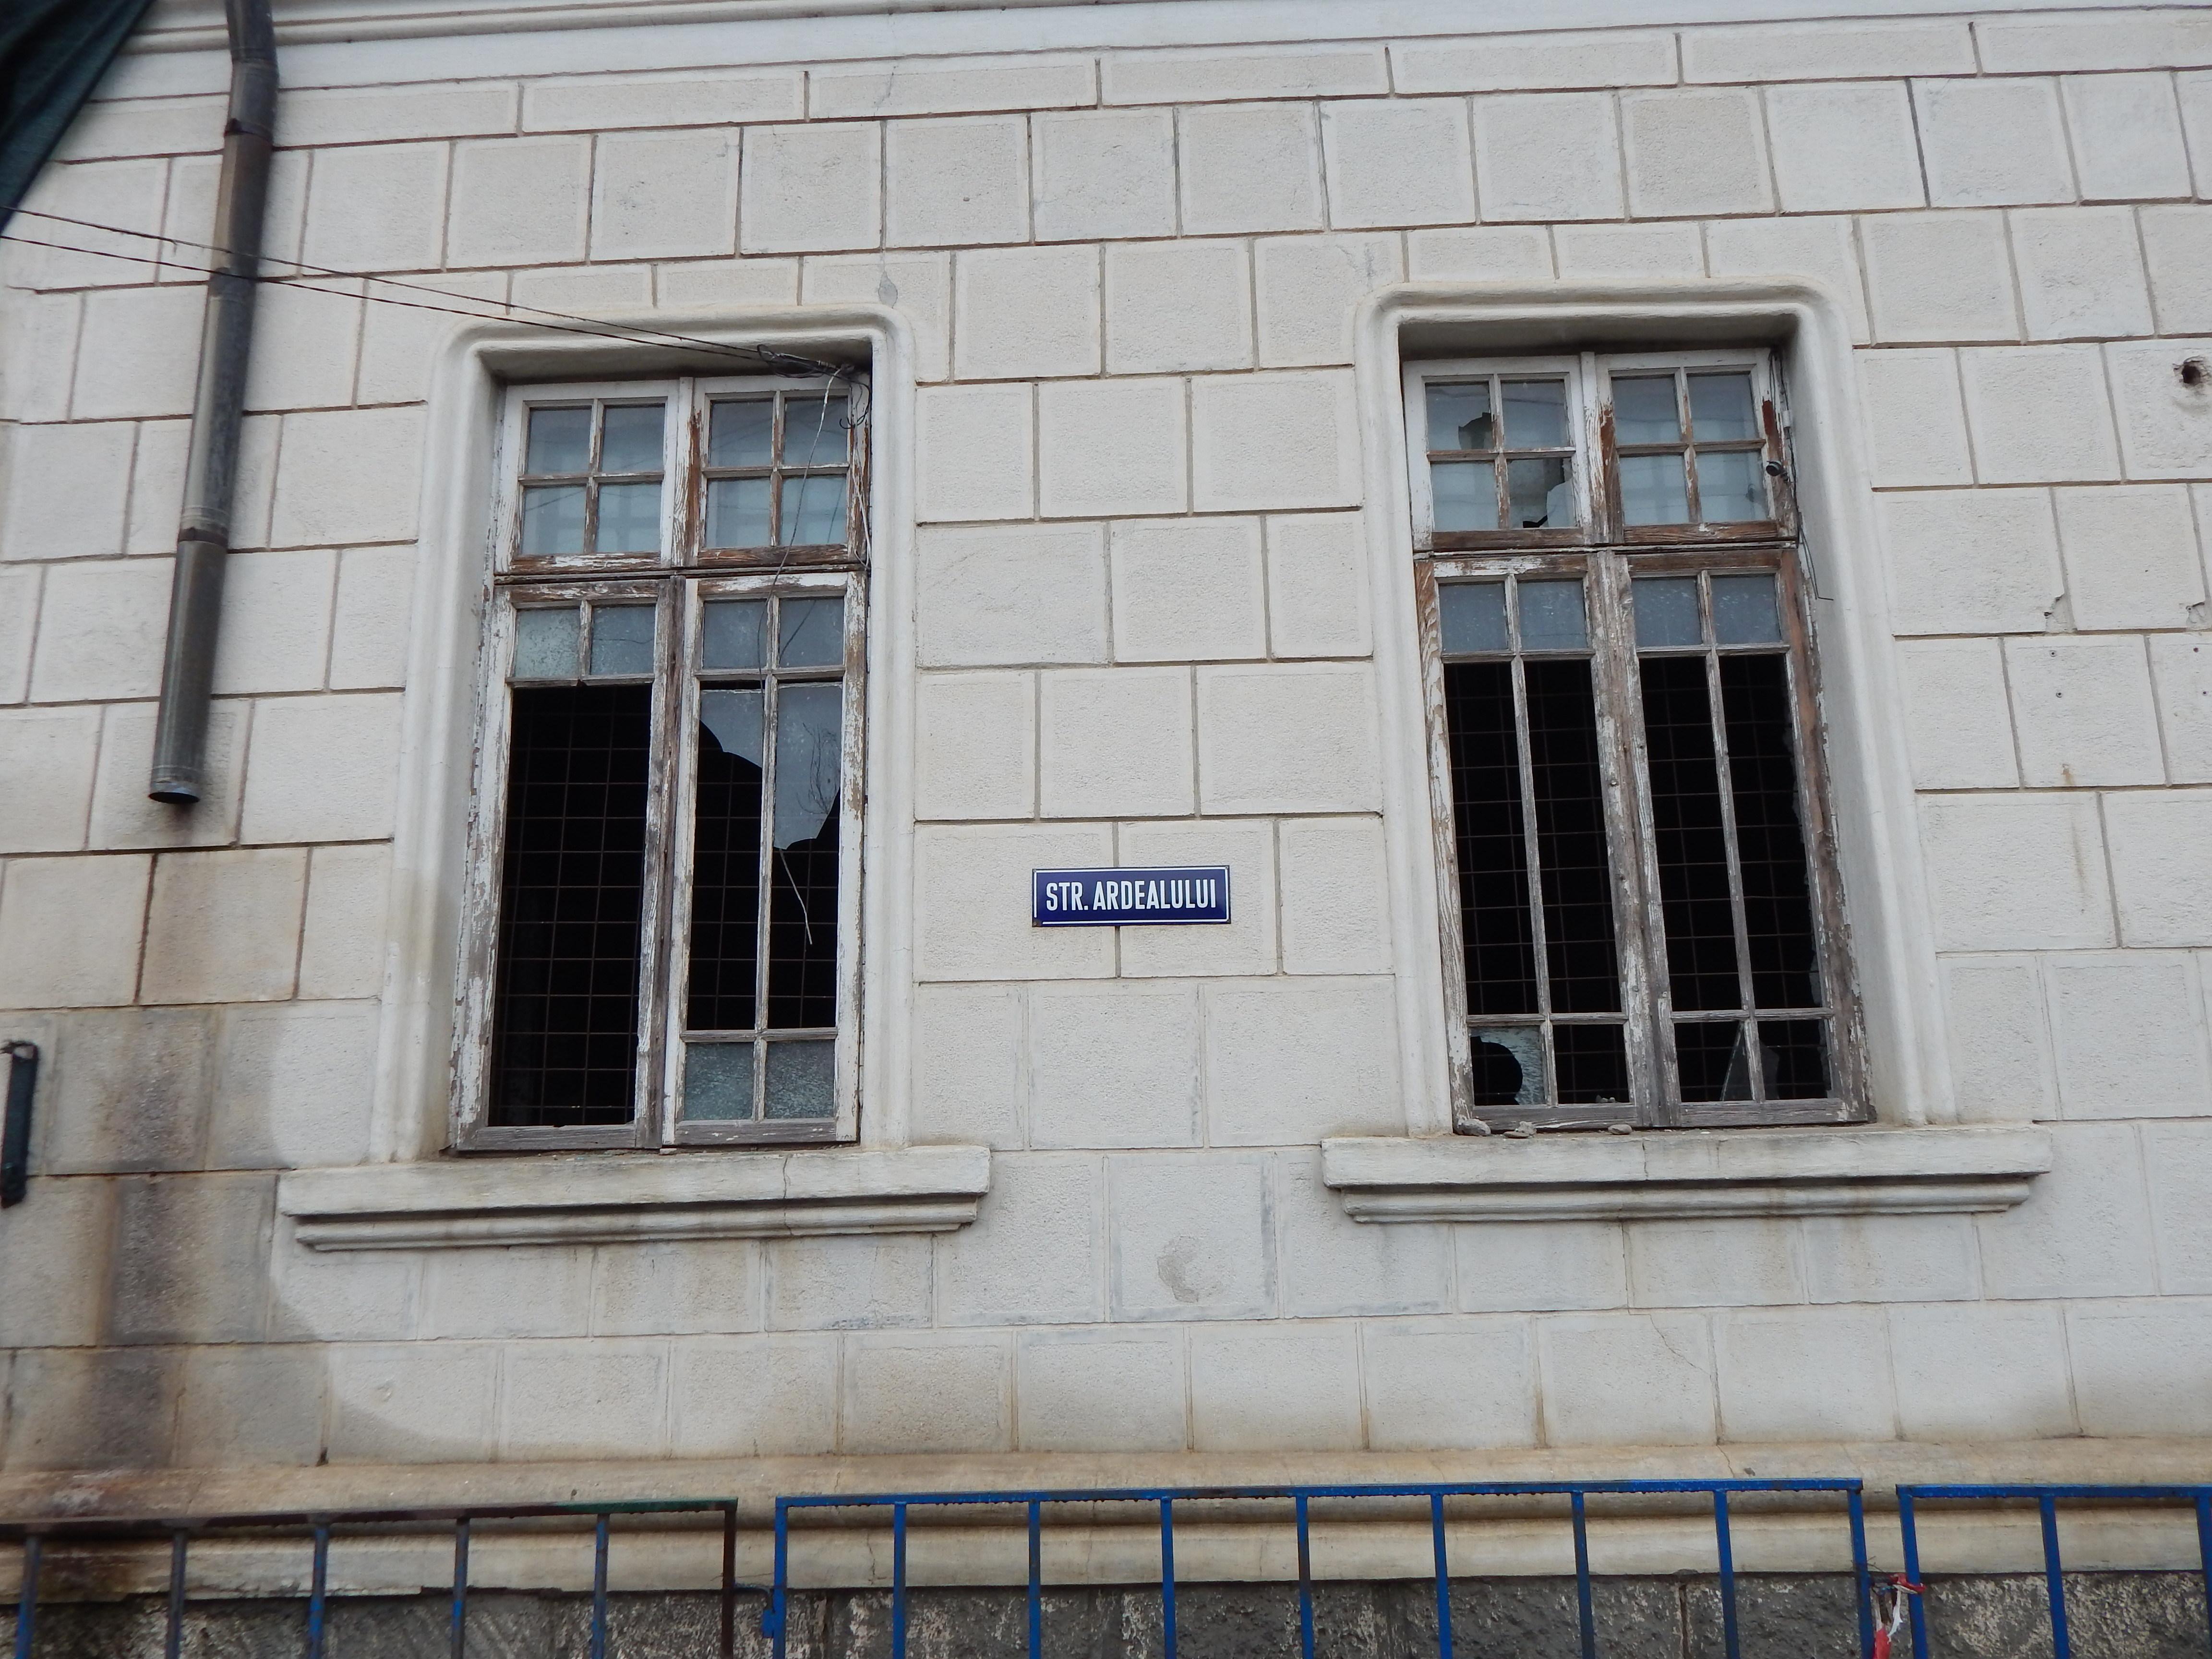 Fost sediu de primărie unde petrecea des cel mai mare dramaturg al României, I.L.Caragiale, ajuns o ruină. Clădirea riscă să se prăbuşeacă în orice moment - GALERIE FOTO